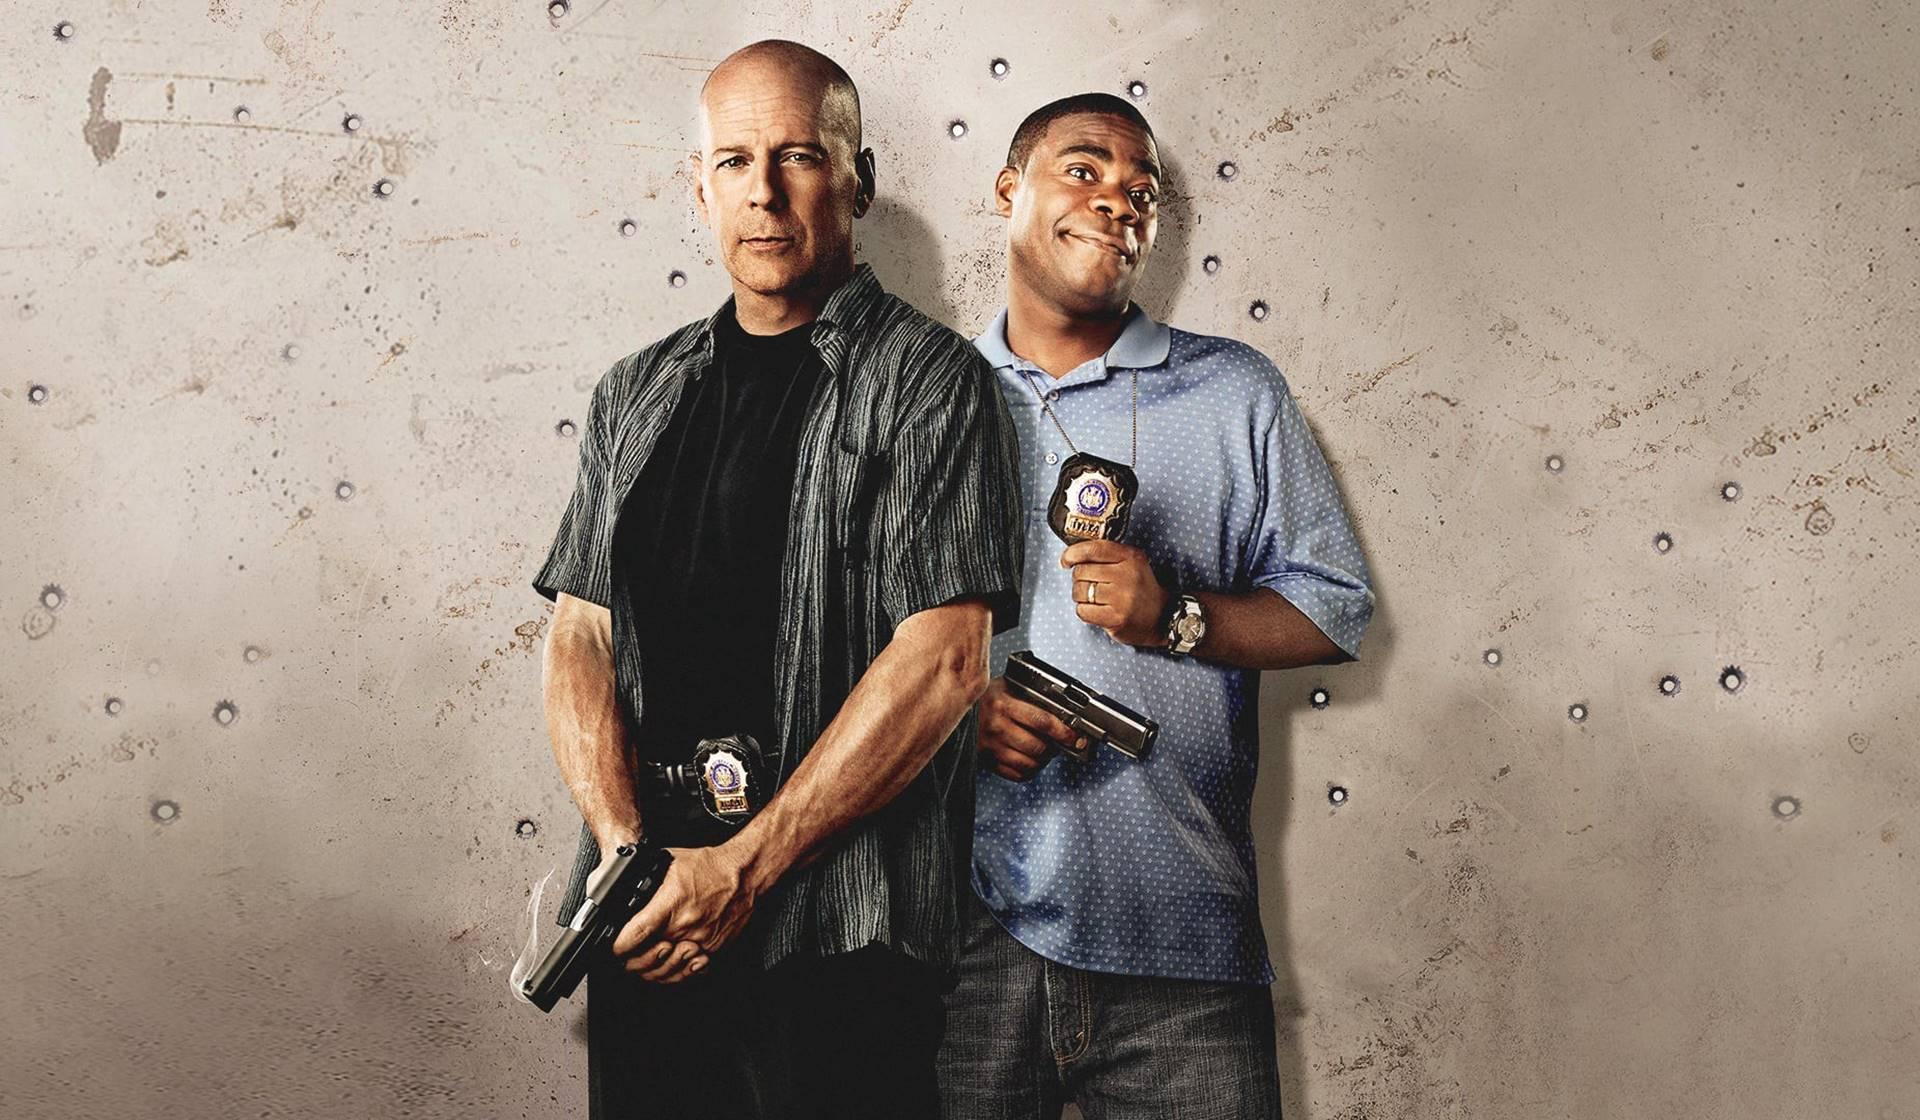 Bruce Willis y Tracy Morgan en Cop Out. Imagen de Medium